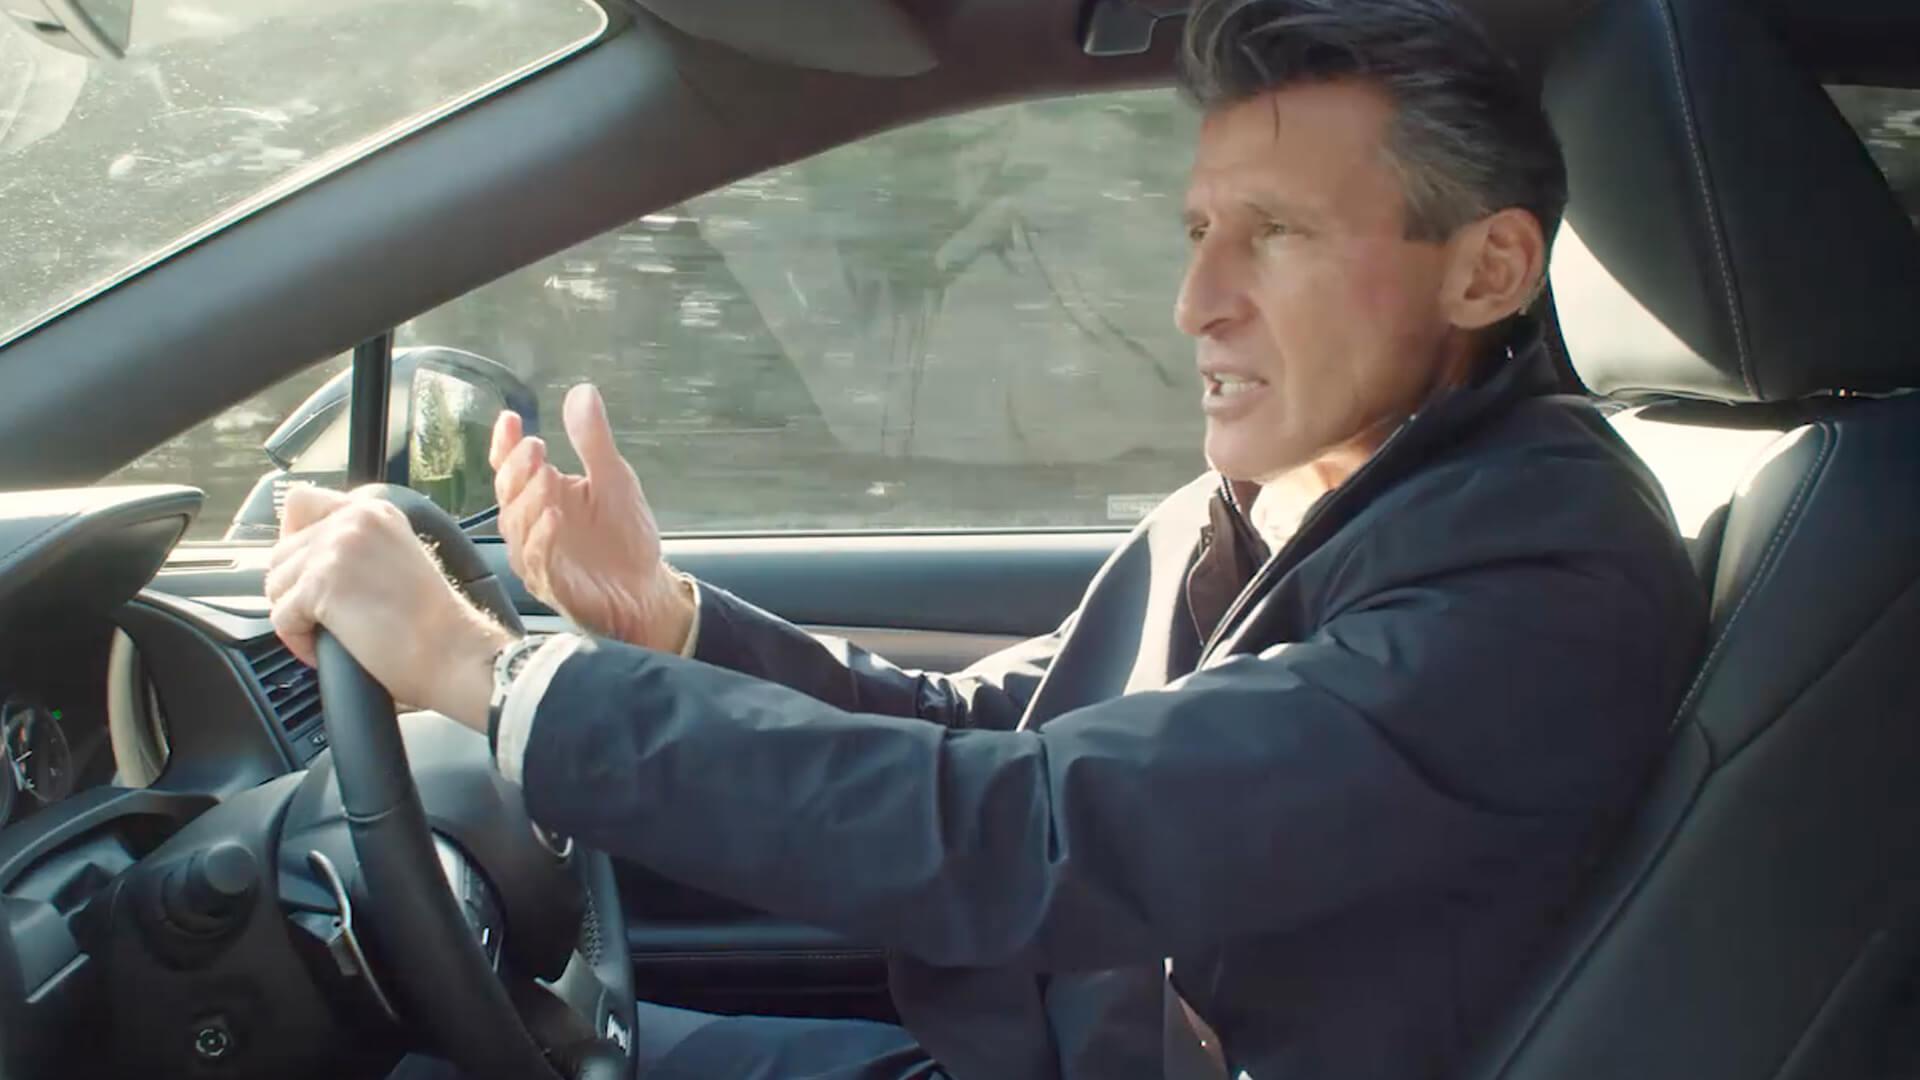 Lexus2020 SebCoeAlex Chapter4 videoTl